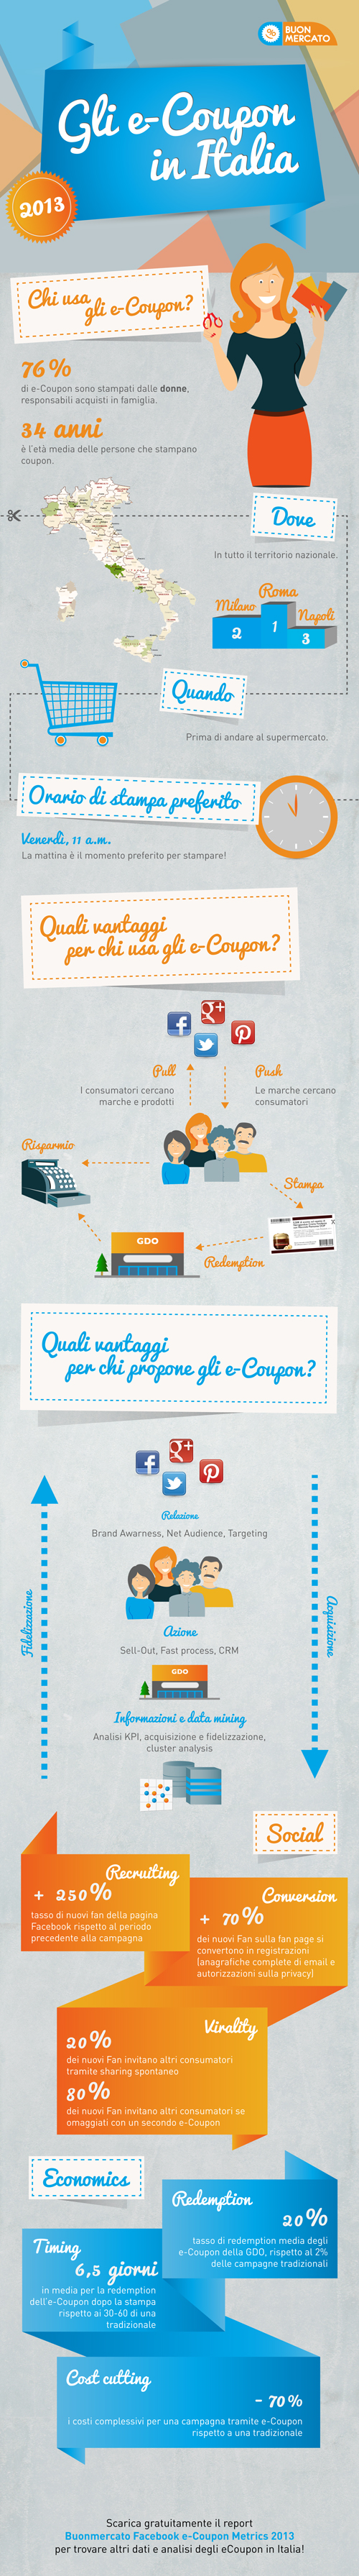 eCoupons-in-Italia-2013-2